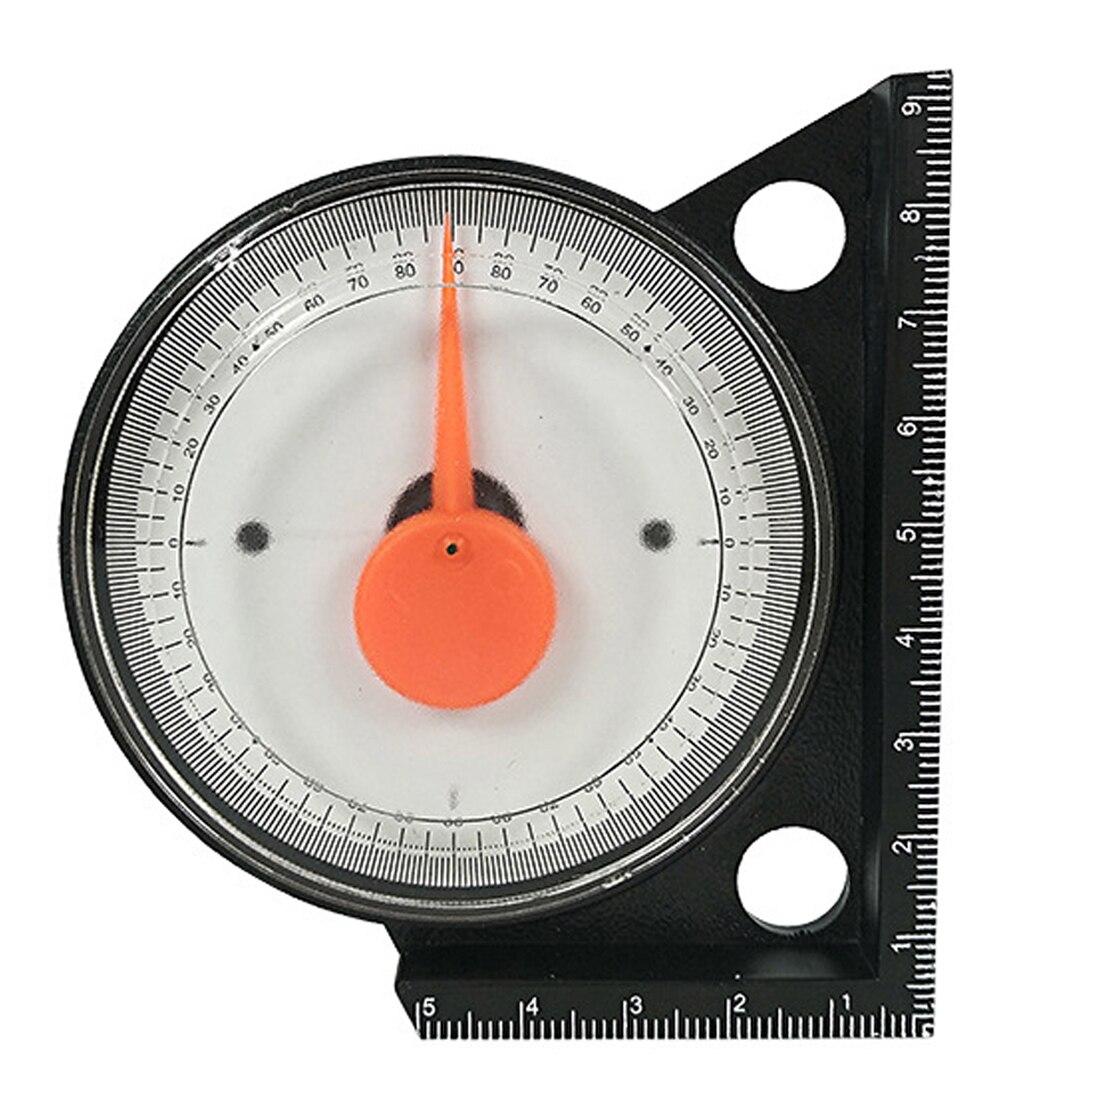 medidor de nível de inclinômetro para medição